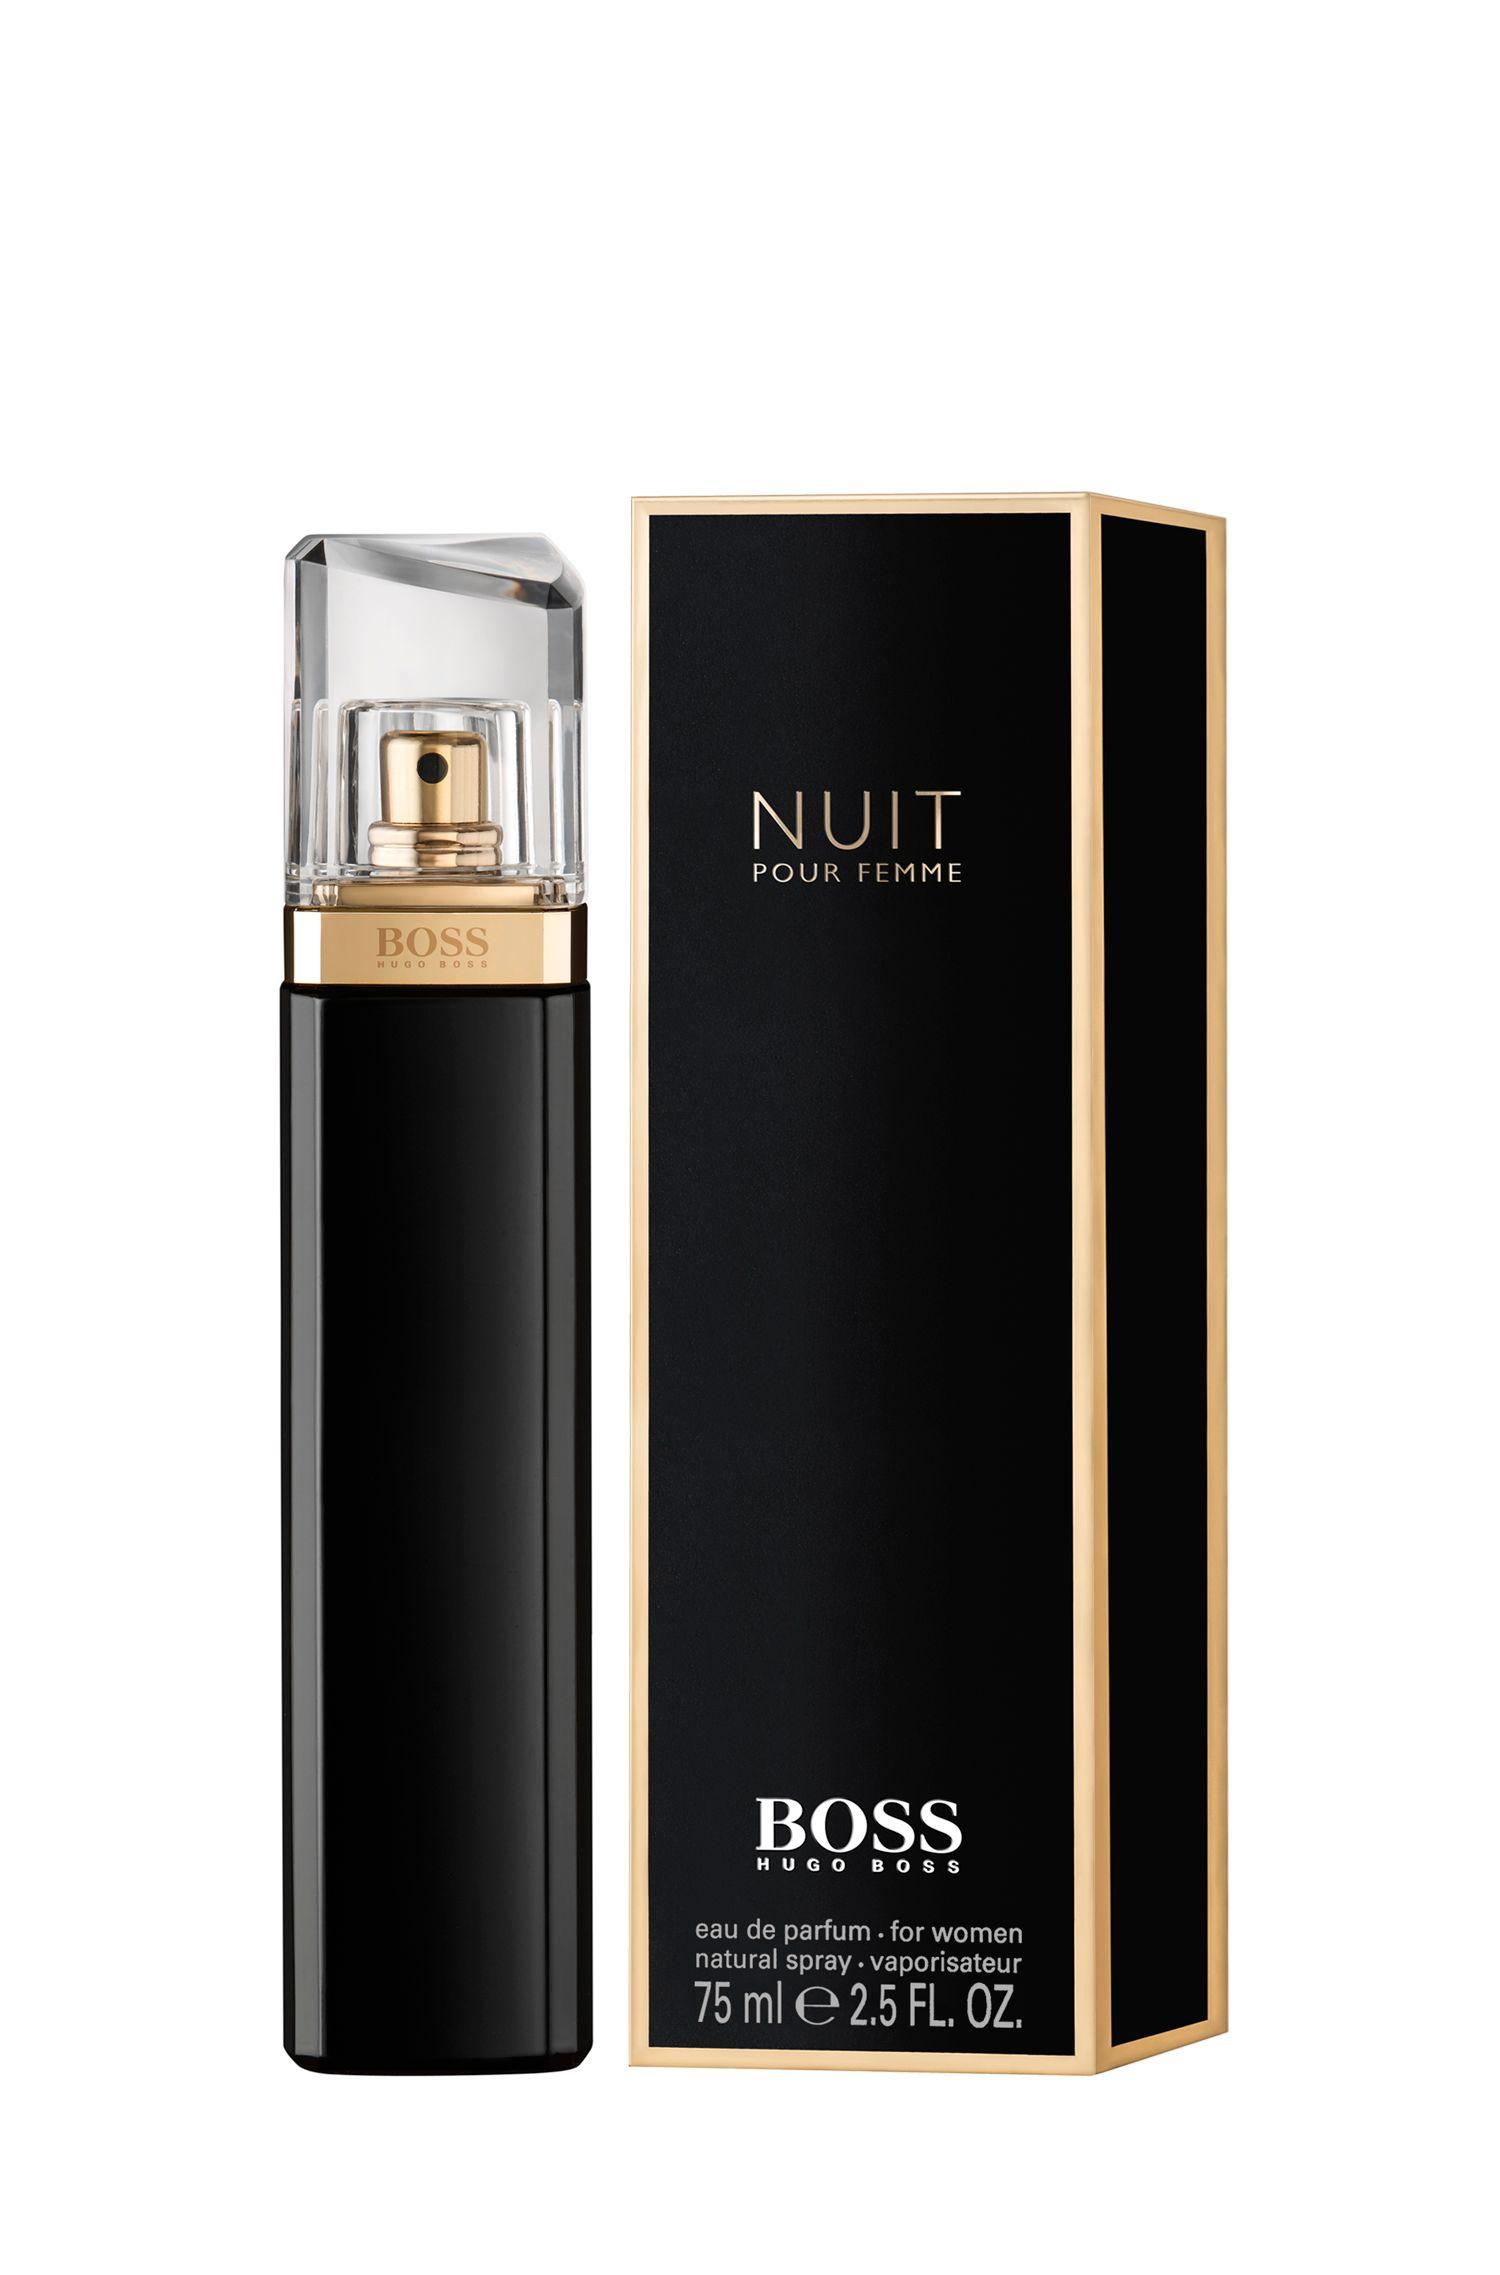 2.5 oz (75 mL) Eau de Parfum | BOSS Nuit